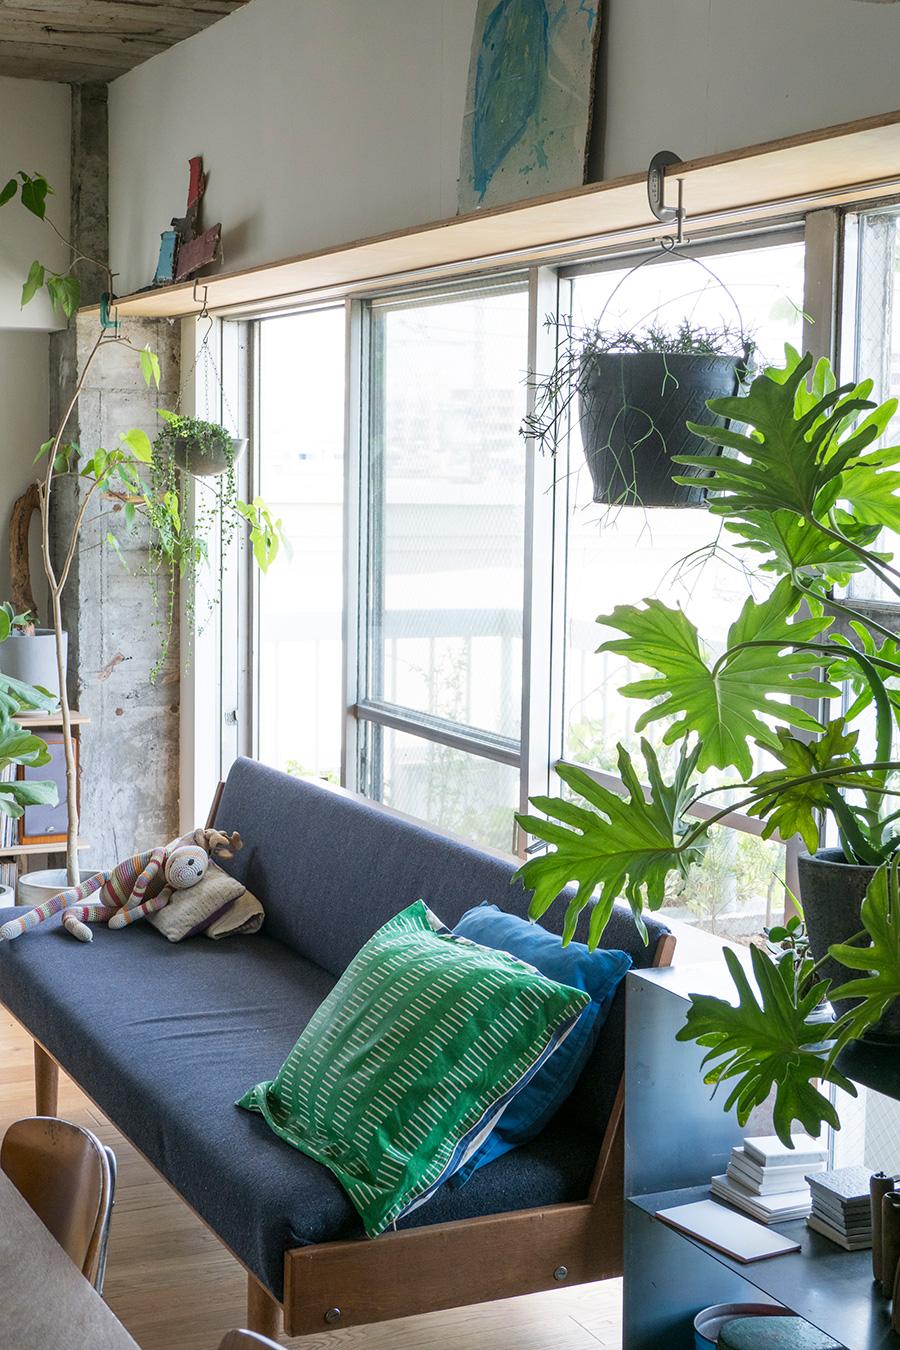 開口に合わせて小さな棚を上部に設置。家中をぐるりと取り囲み、ディスプレイが楽しめる。